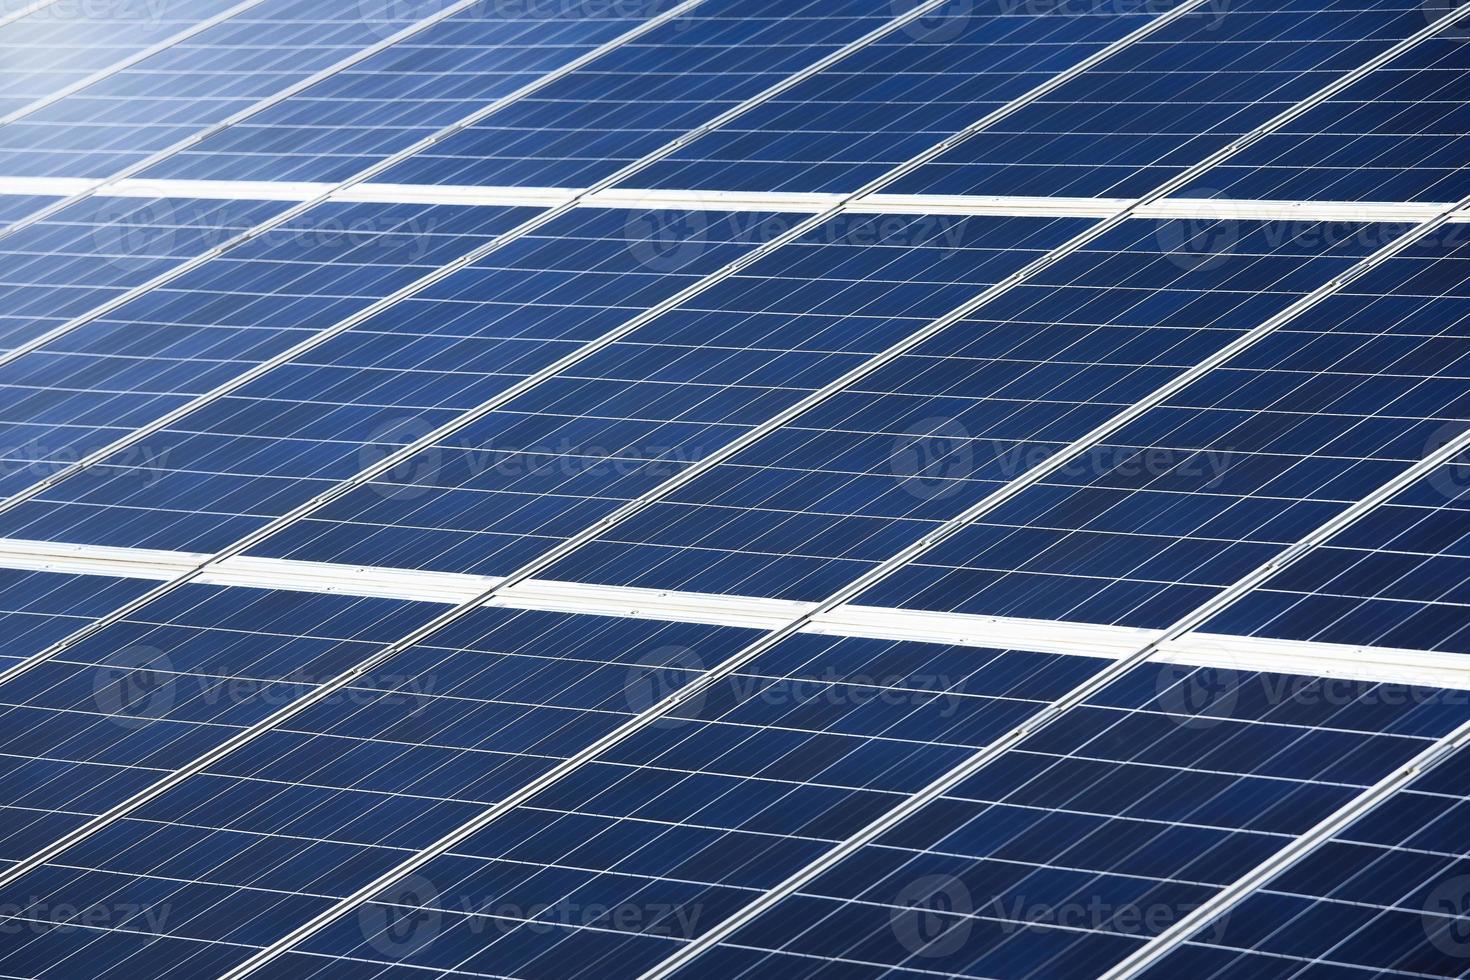 fotovoltaïsch paneel voor textuur of patroon van energieopwekking foto